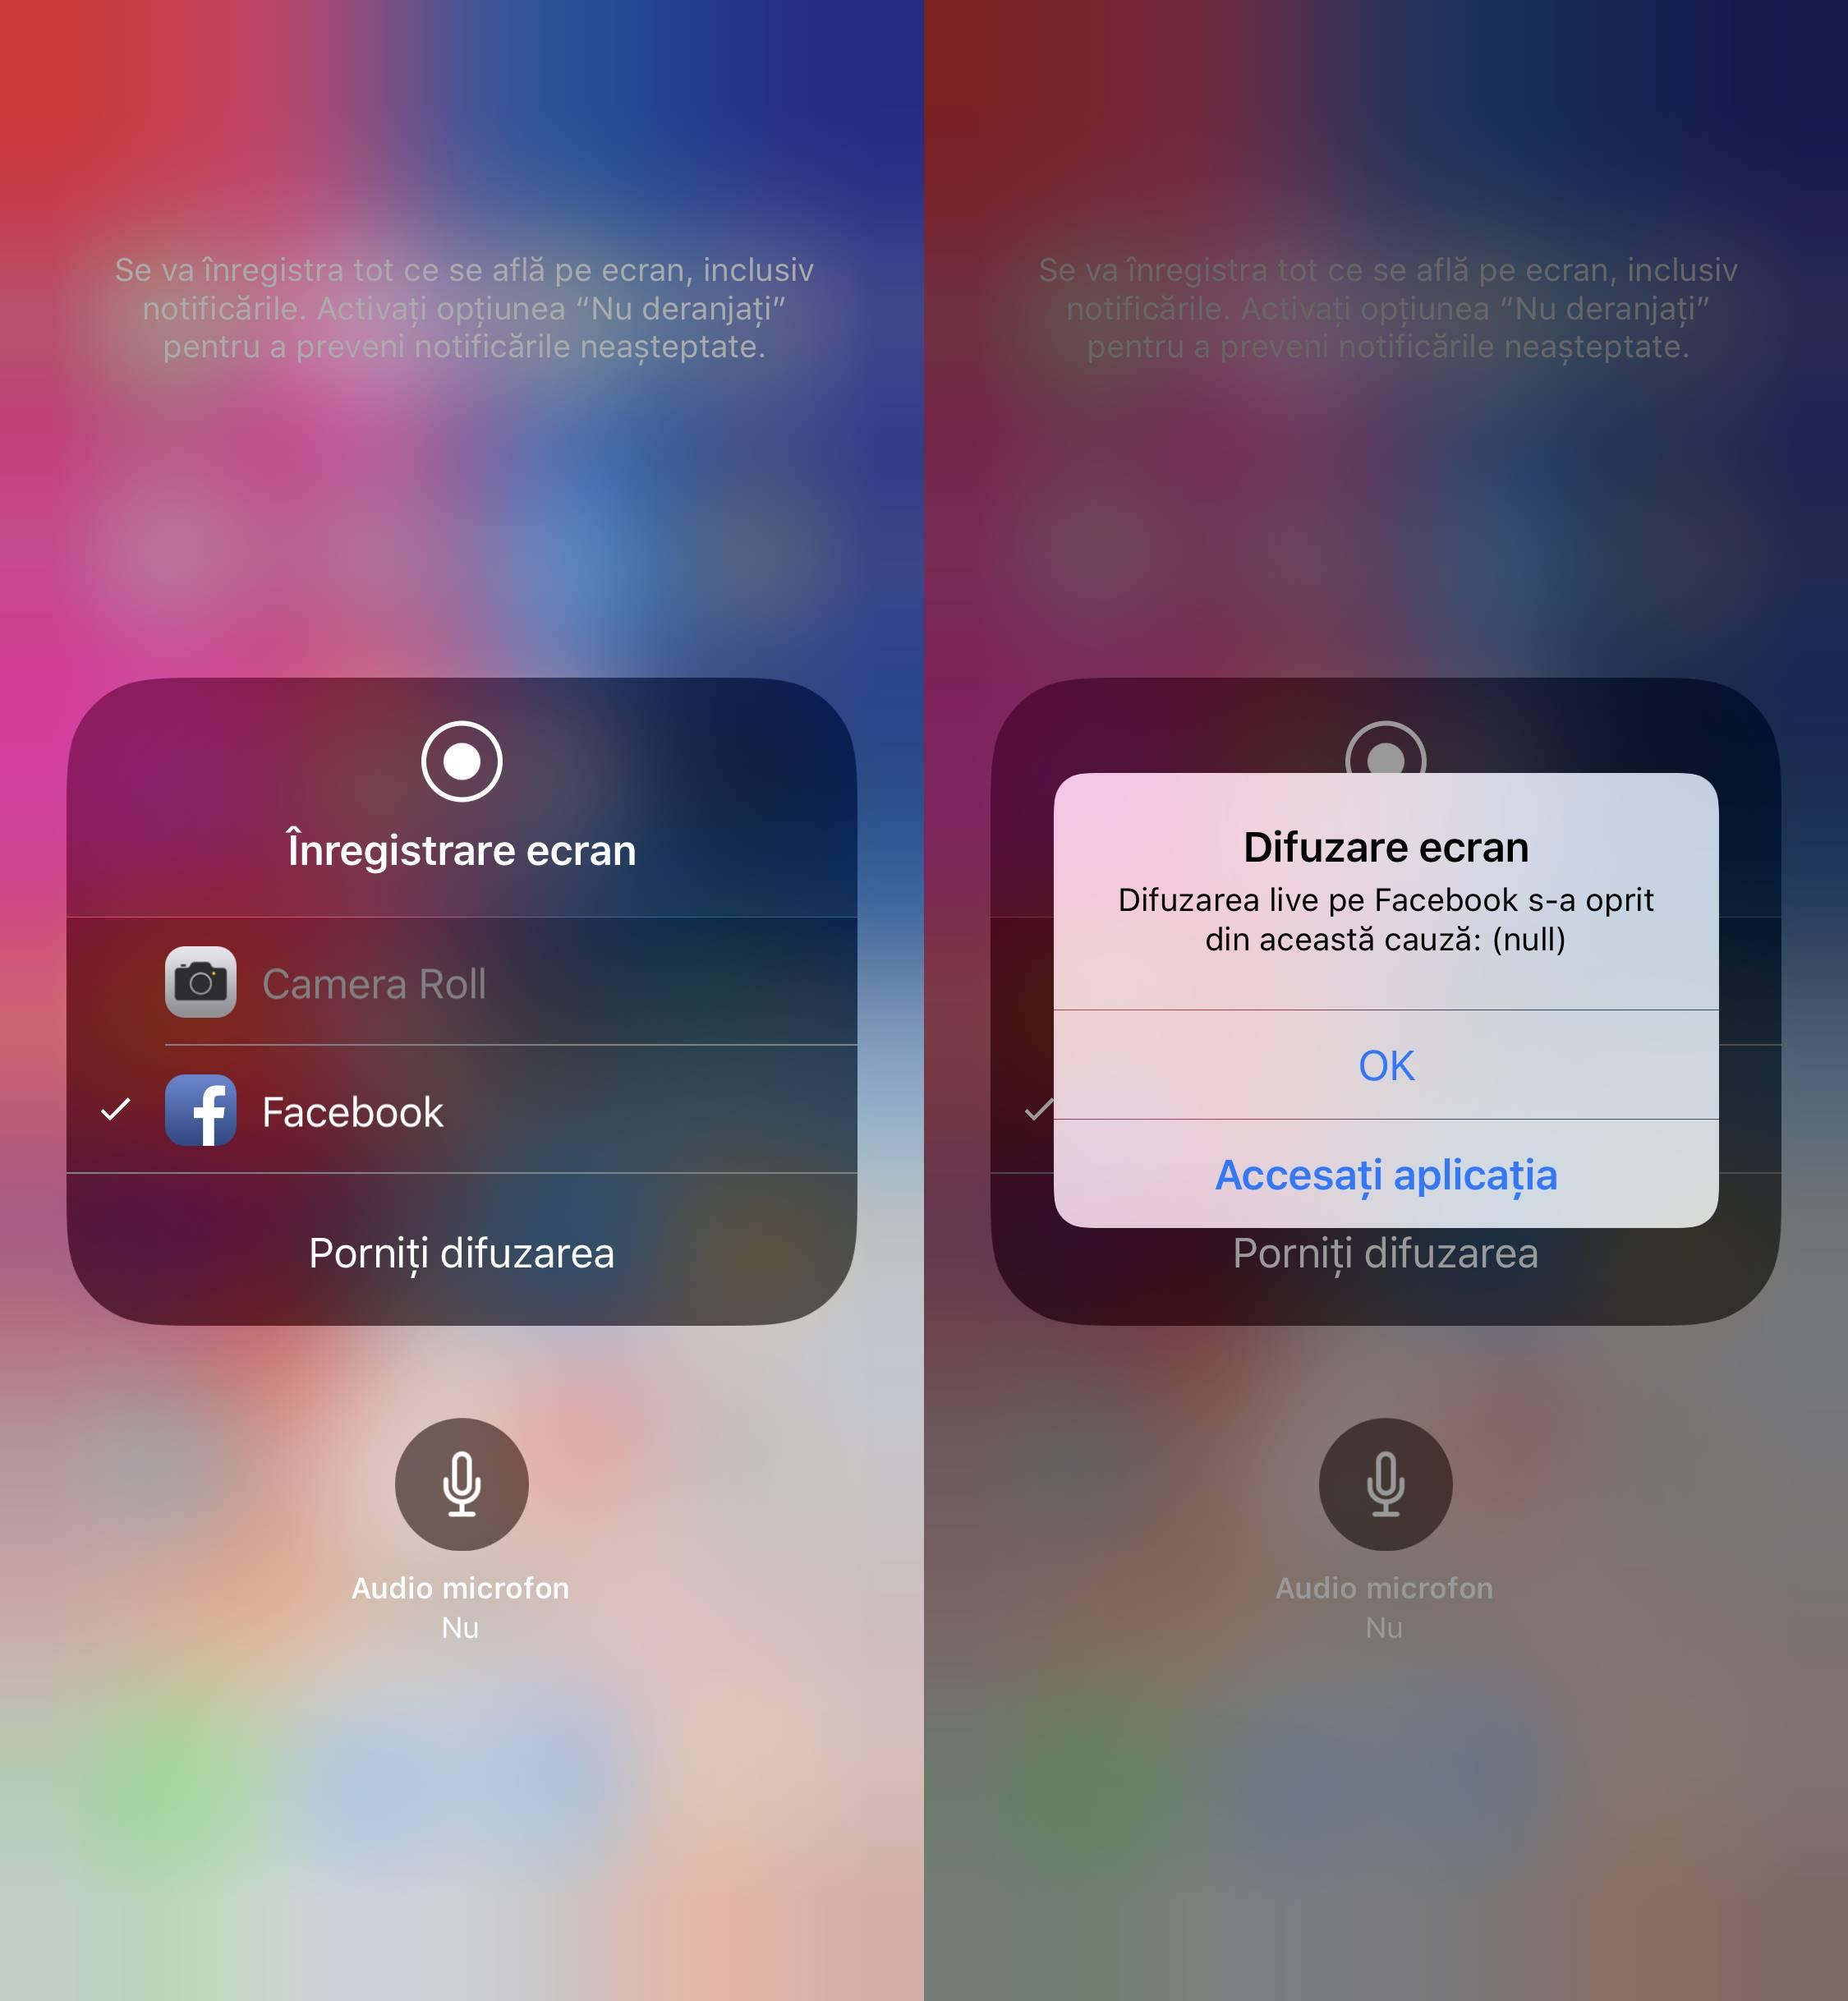 iOS 11 inregistrare ecran Facebook